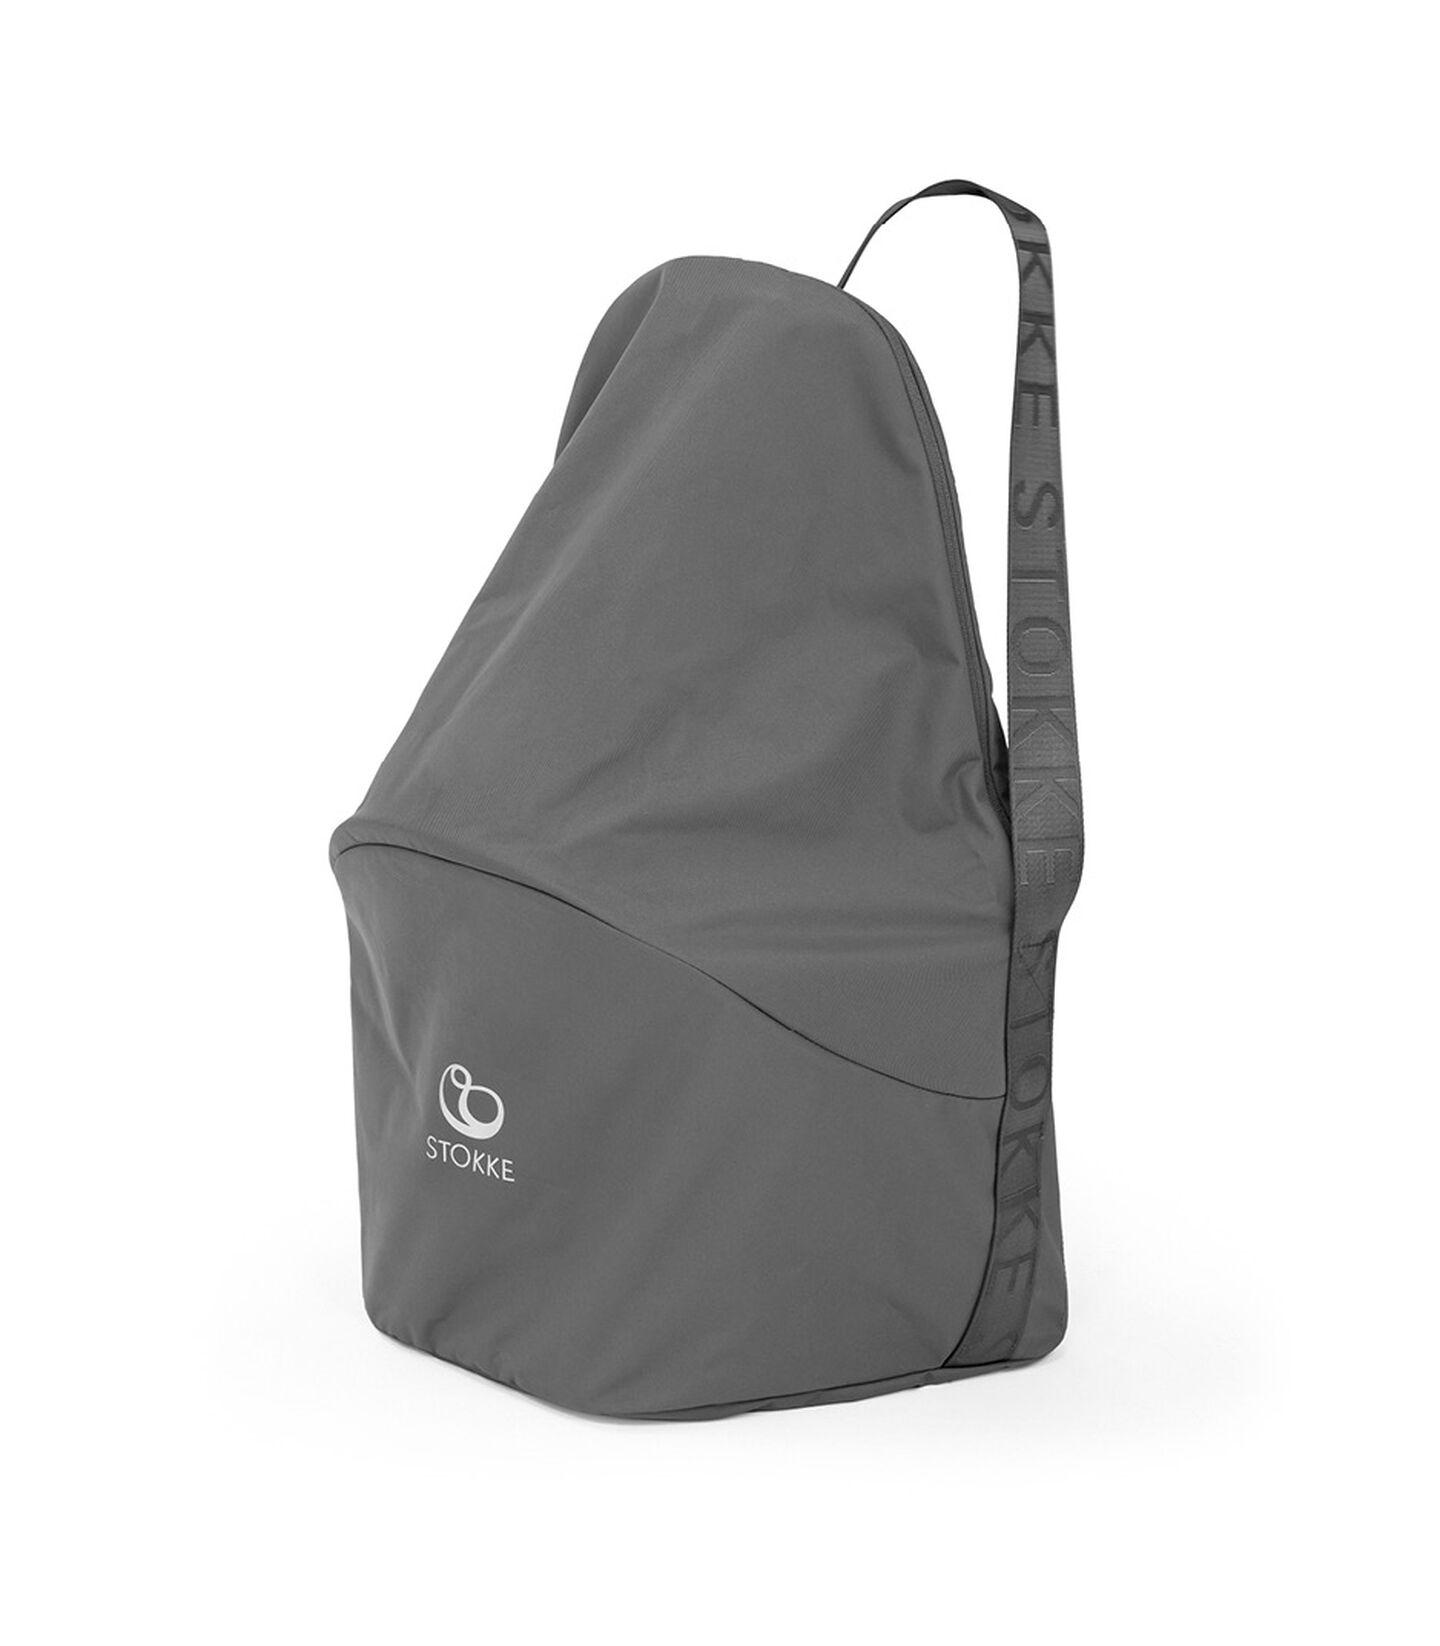 Stokke® Clikk™ Travel Bag Dark Grey, Mörkgrå, mainview view 2